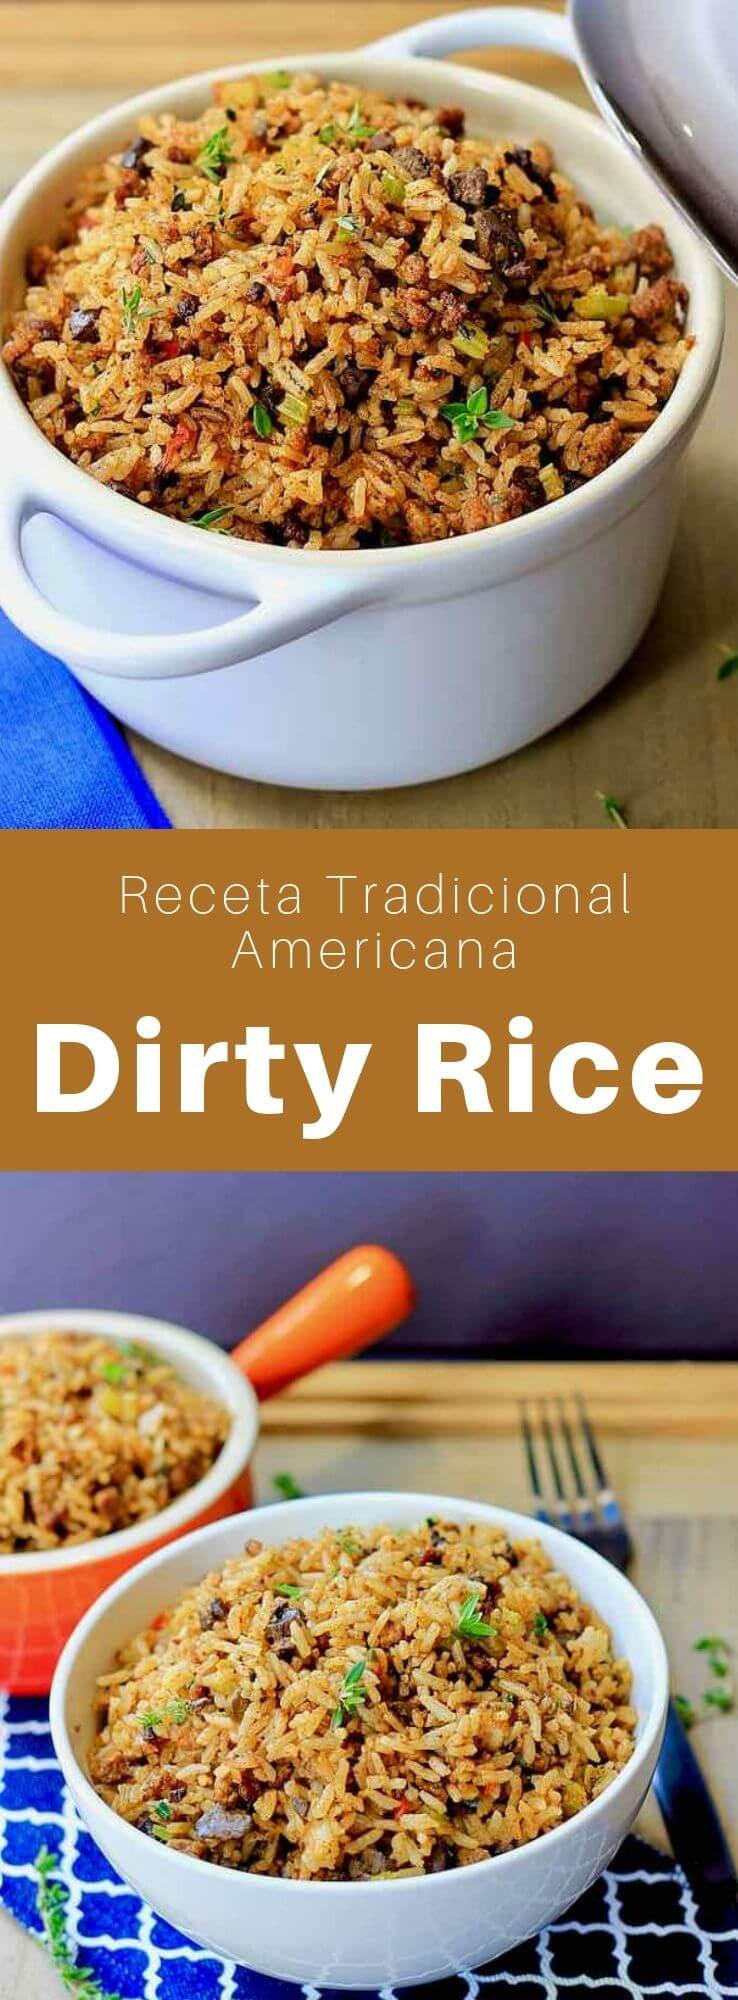 El dirty rice es un plato criollo popular del sur de Louisiana que se prepara con arroz, carne de res, cerdo y hígado de pollo picados.